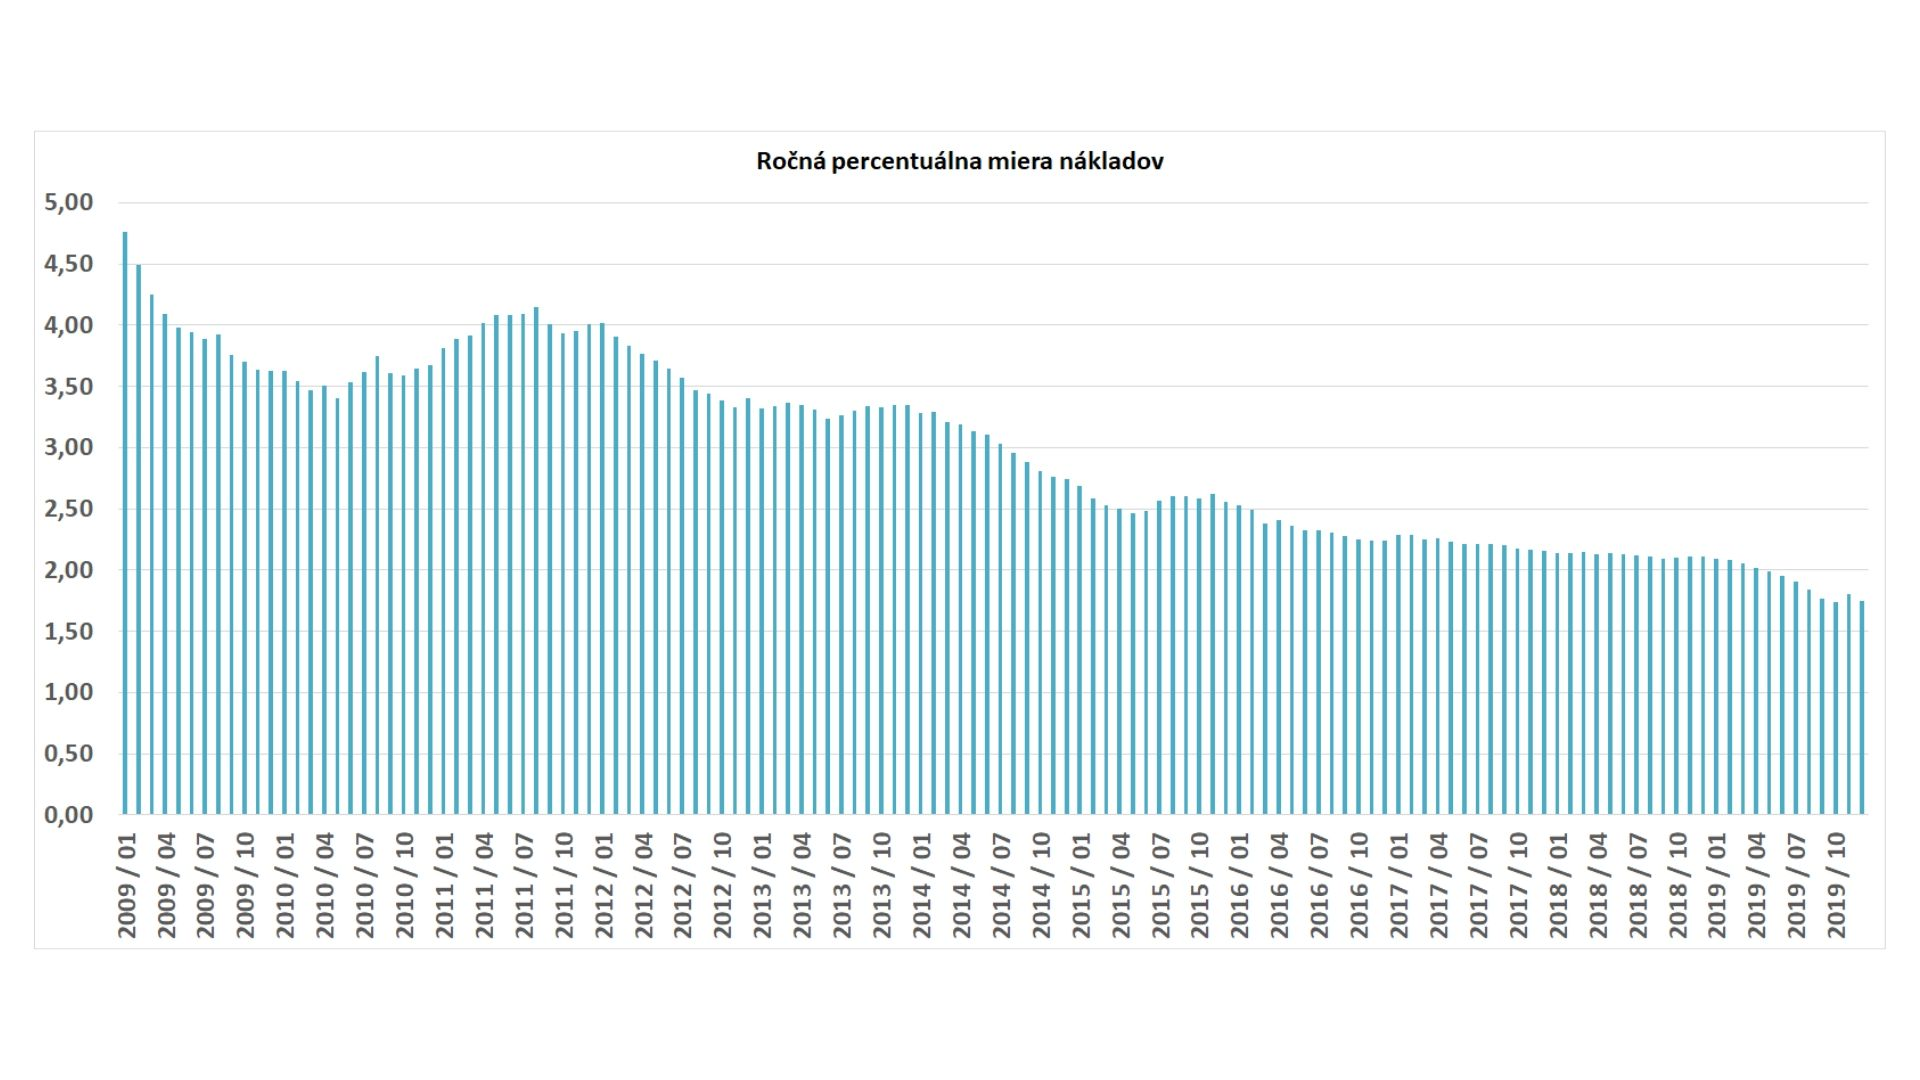 RPMN ročná percentuálna miera nákladov vývoj v Eurozóne